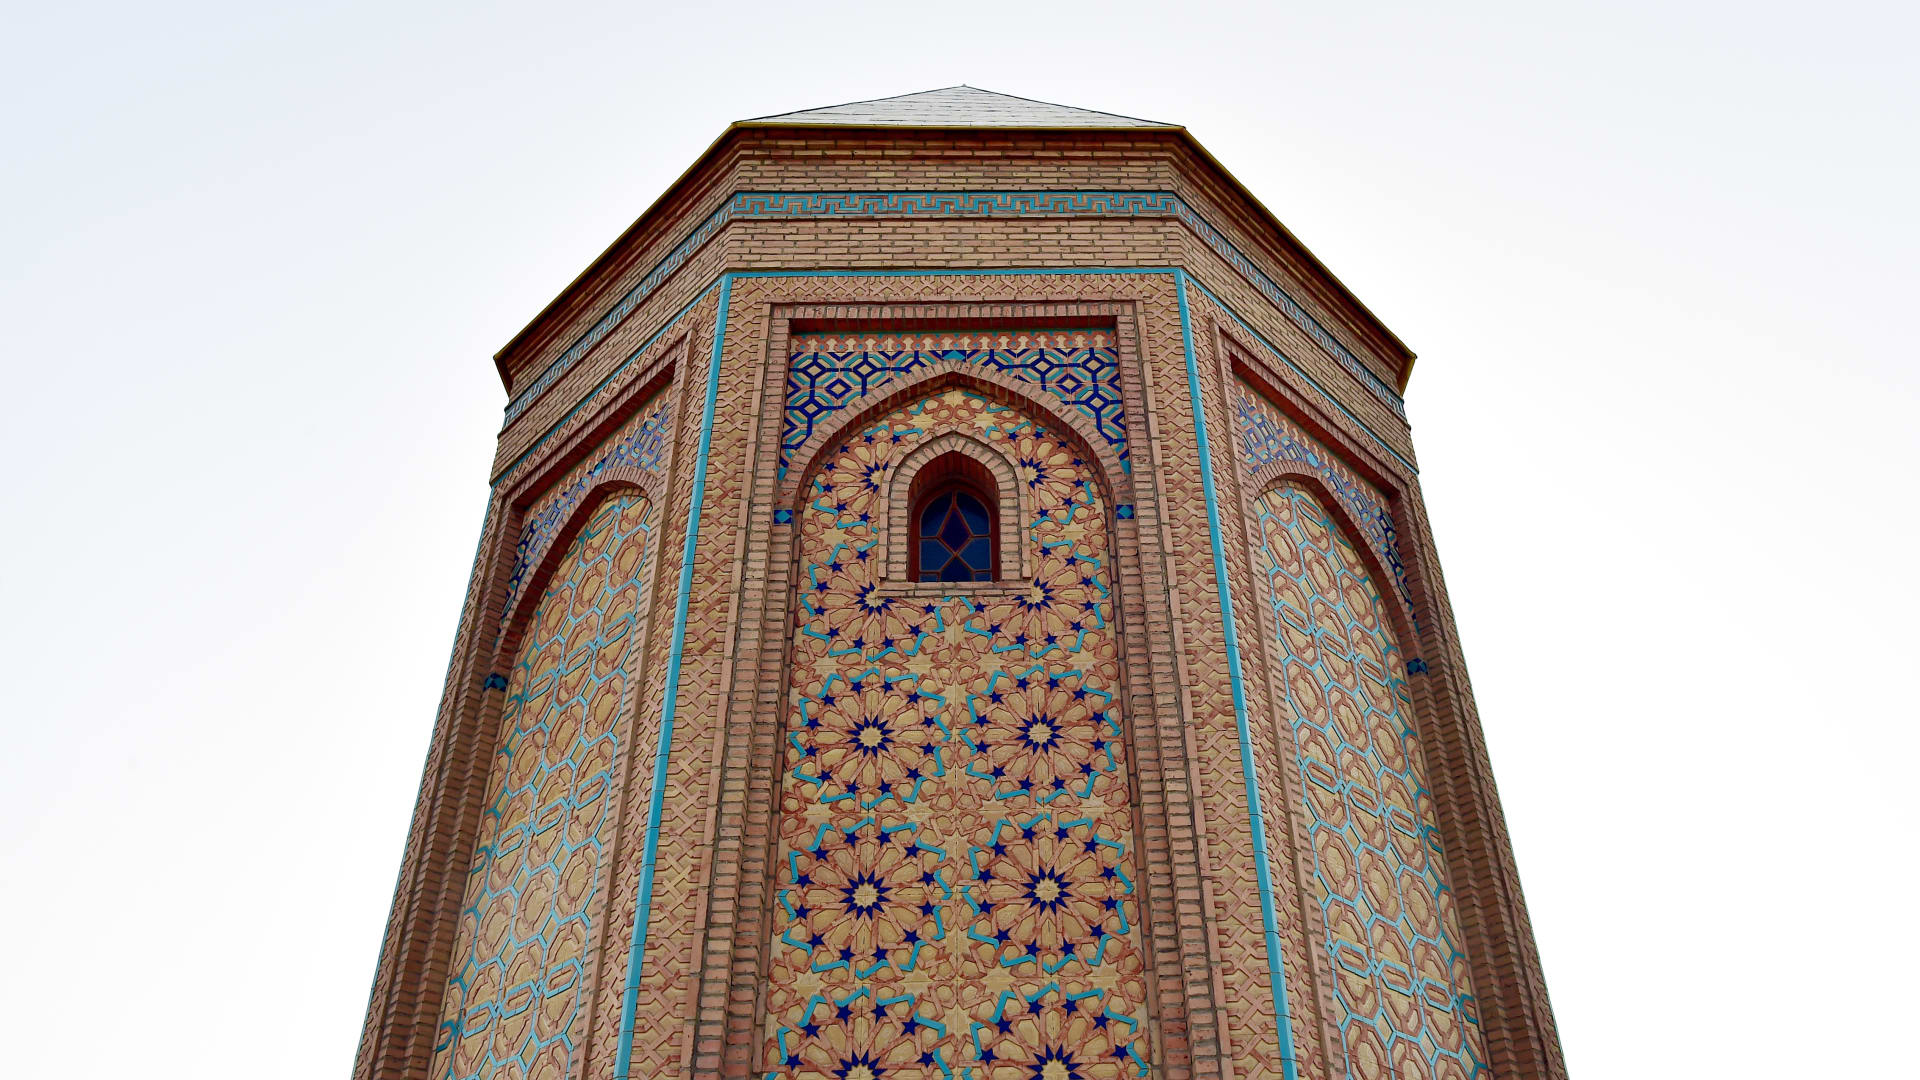 إليك 8 روائع معمارية يجب زيارتها بأذربيجان